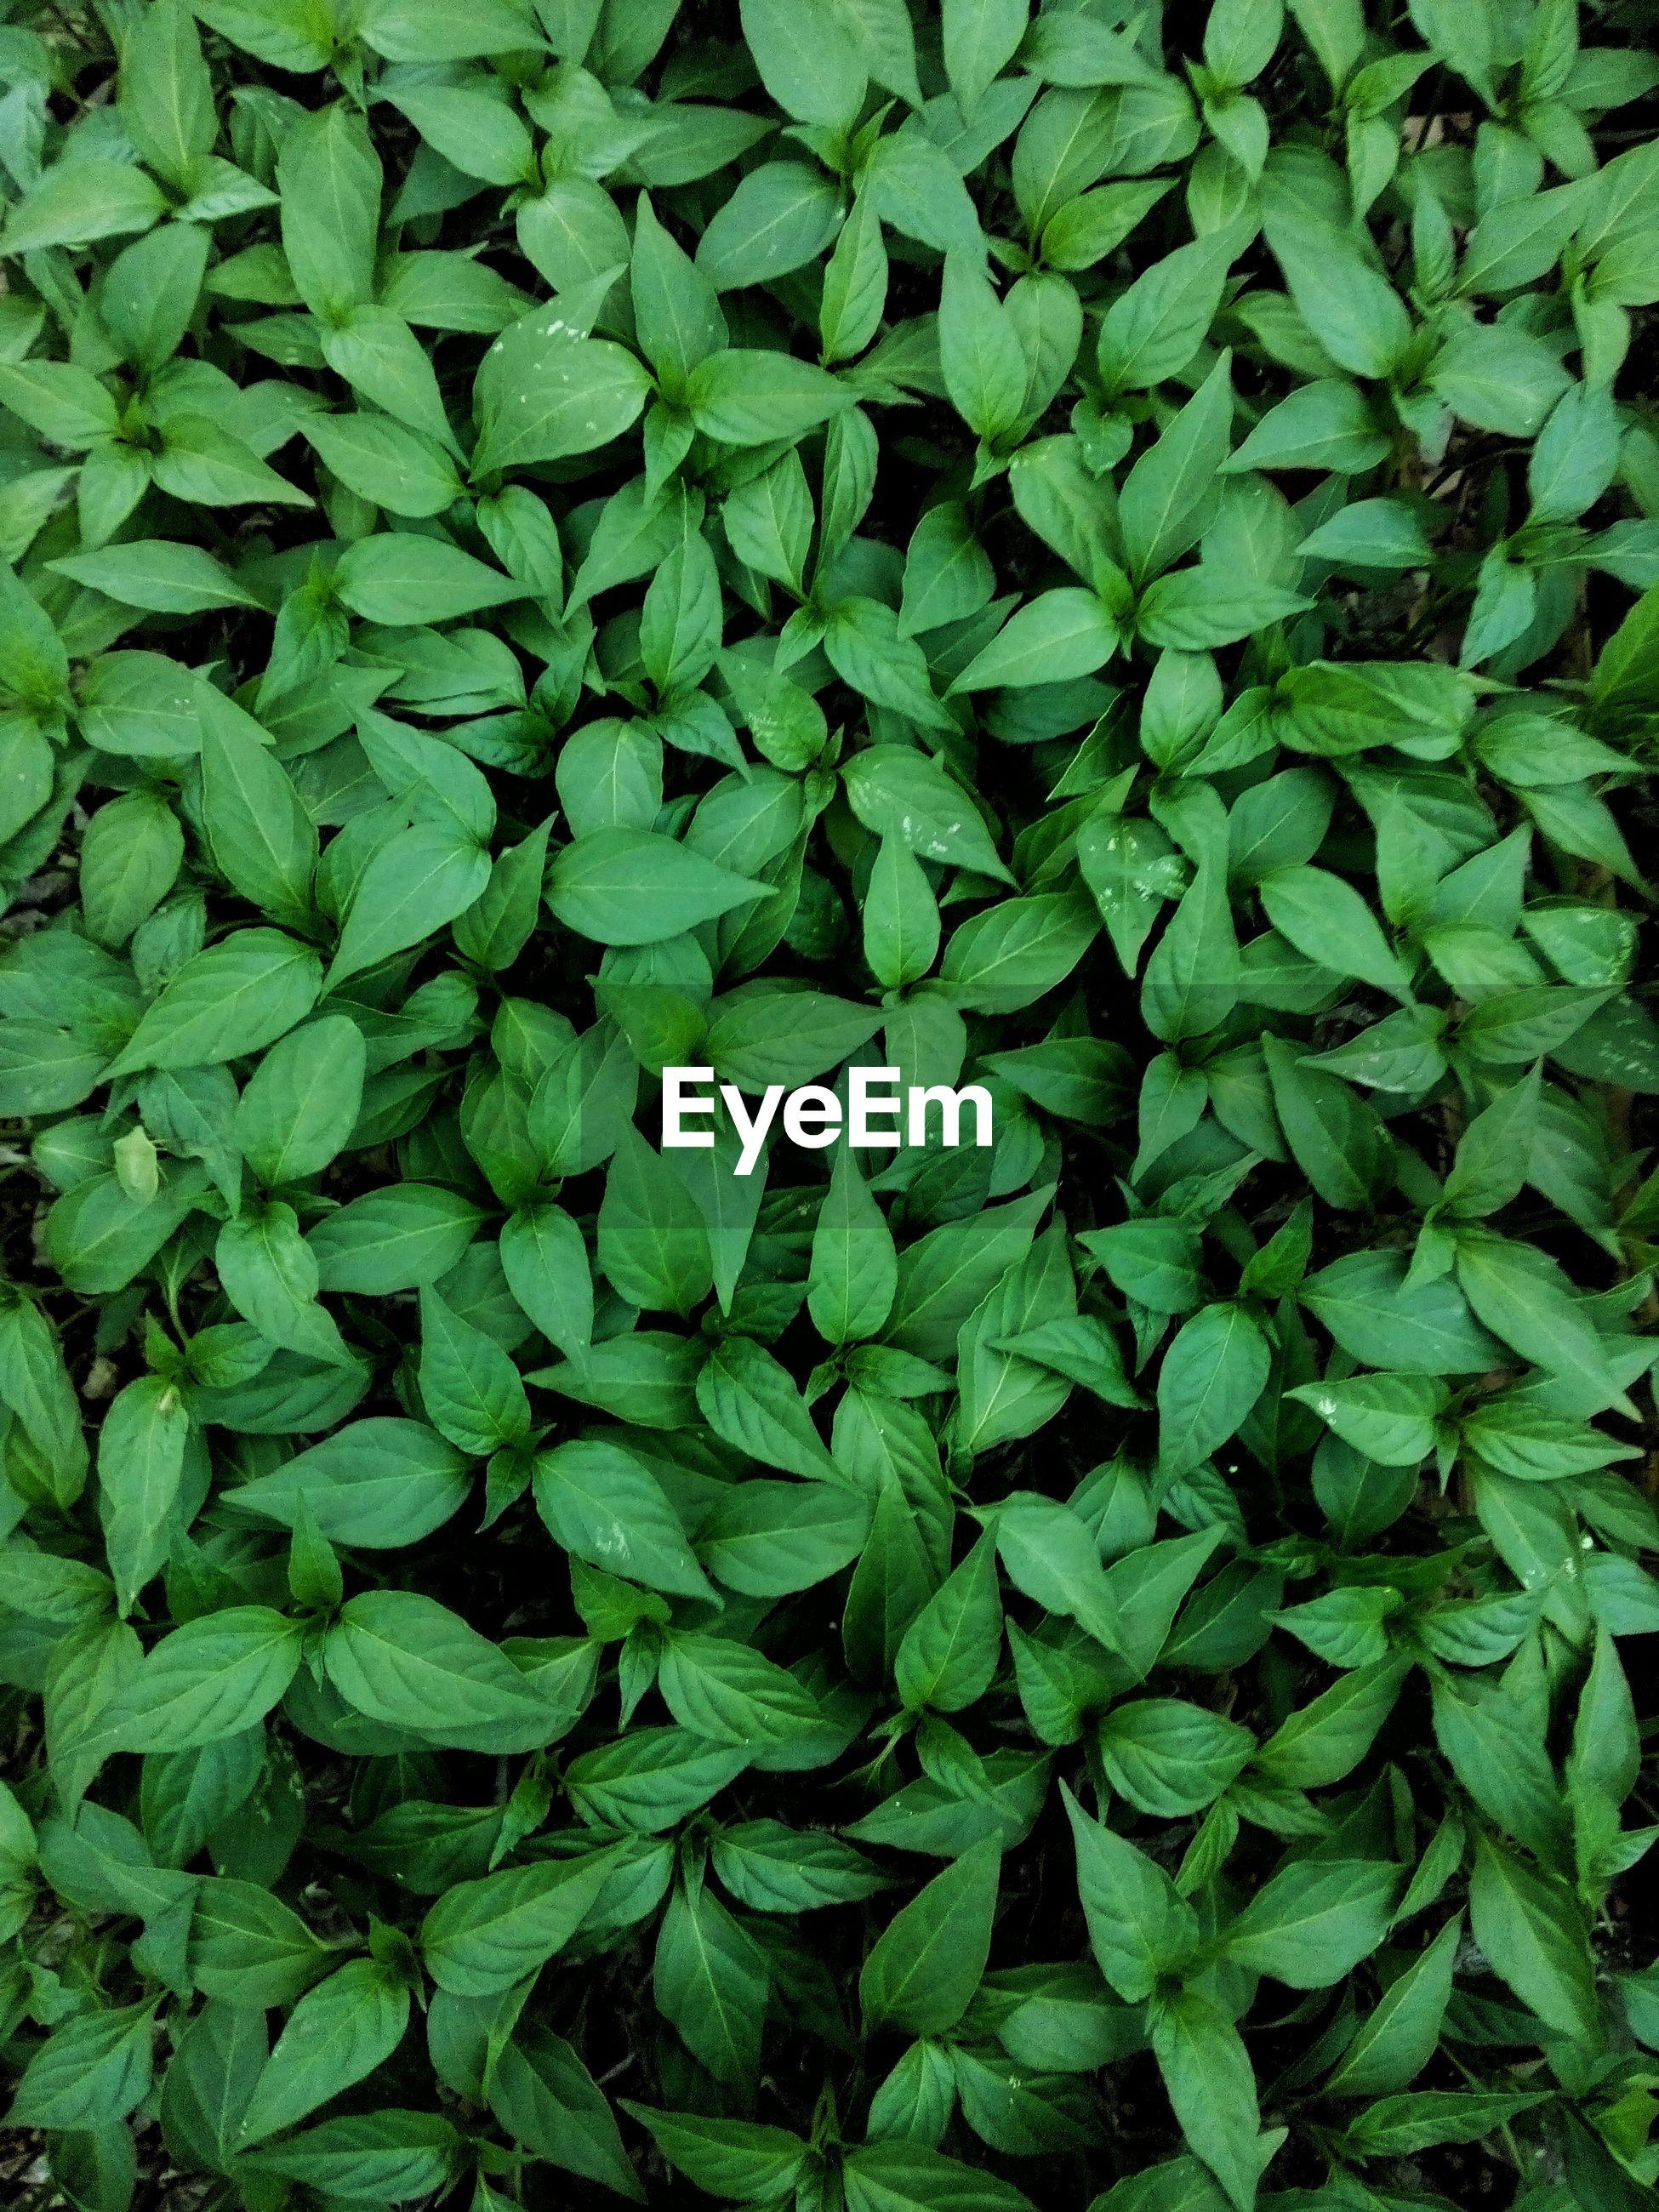 FULL FRAME OF GREEN LEAVES